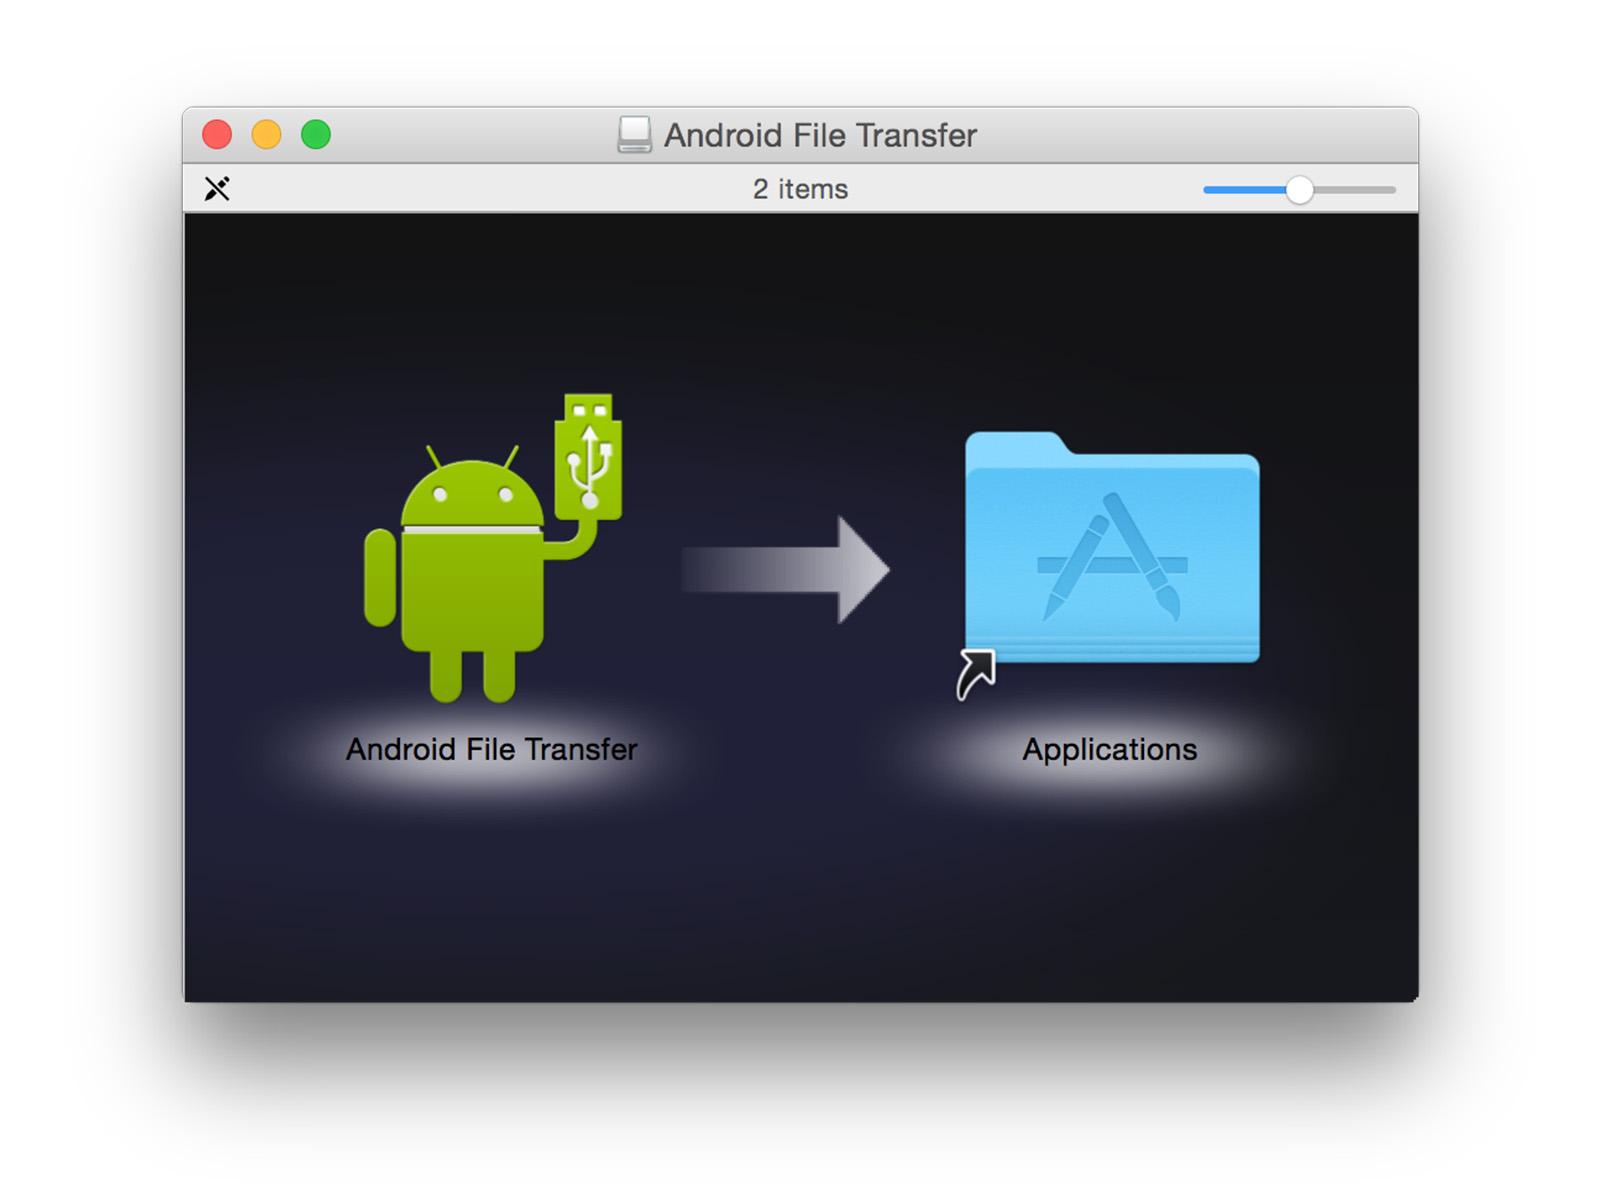 Android File Transfer ドラッグアンドドロップ